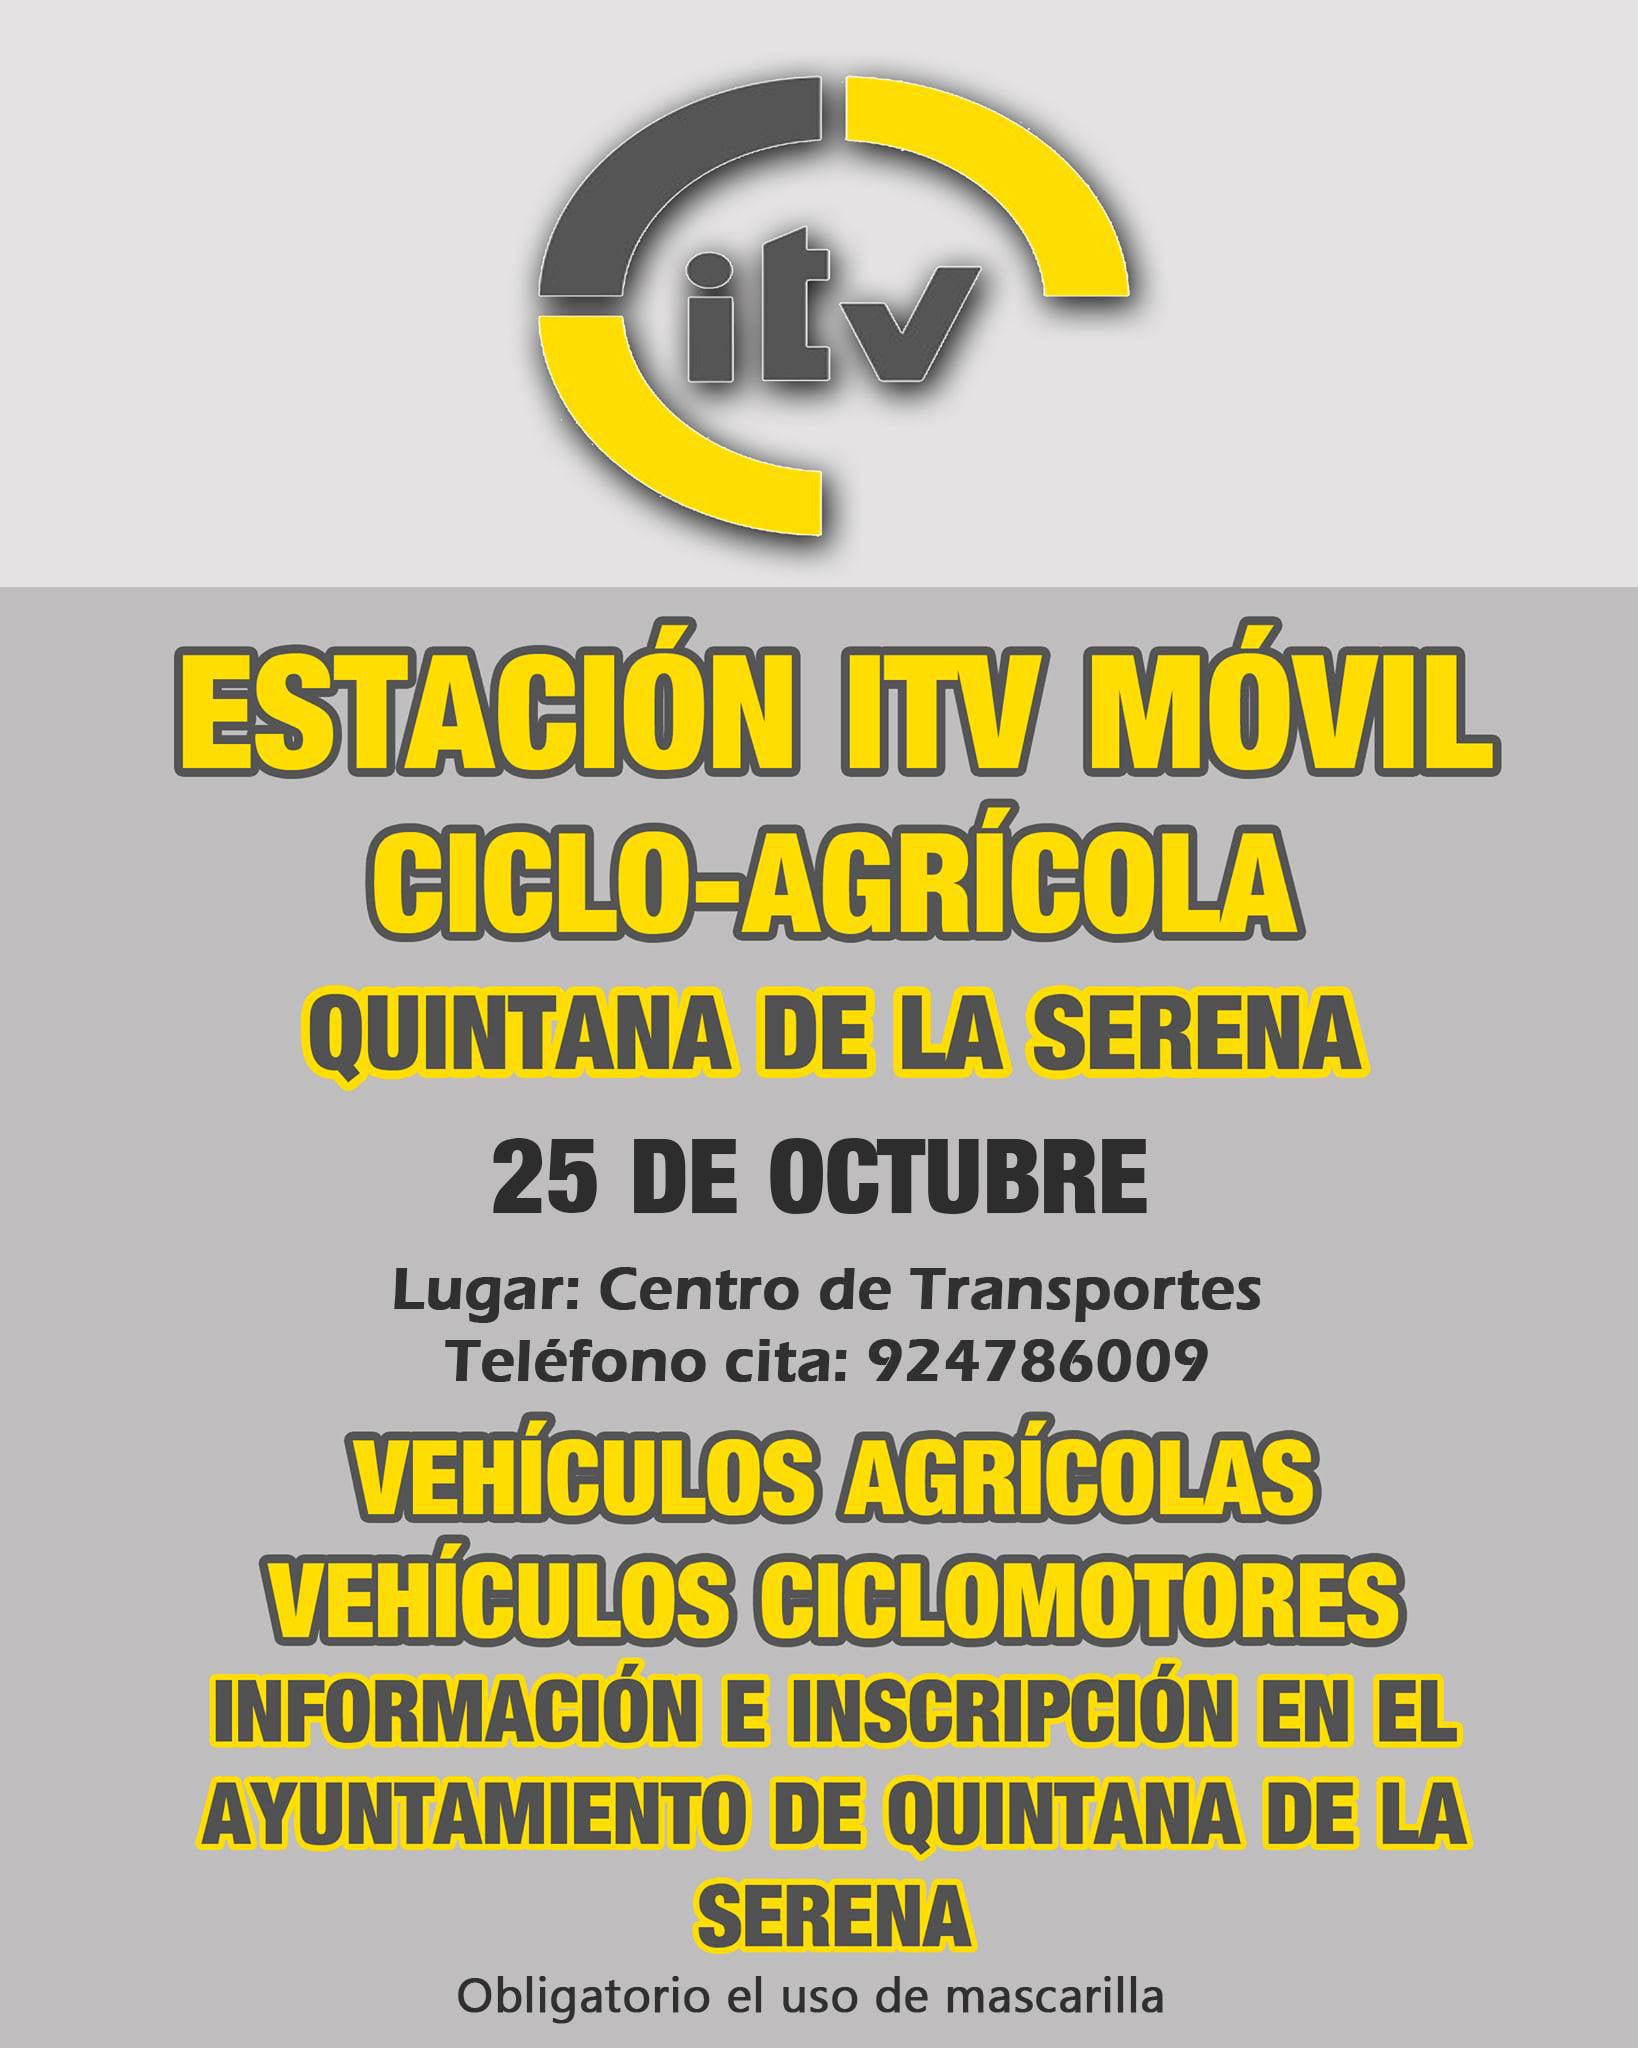 Una estación ITV móvil ciclo-agrícola estará en Quintana el 25 de octubre